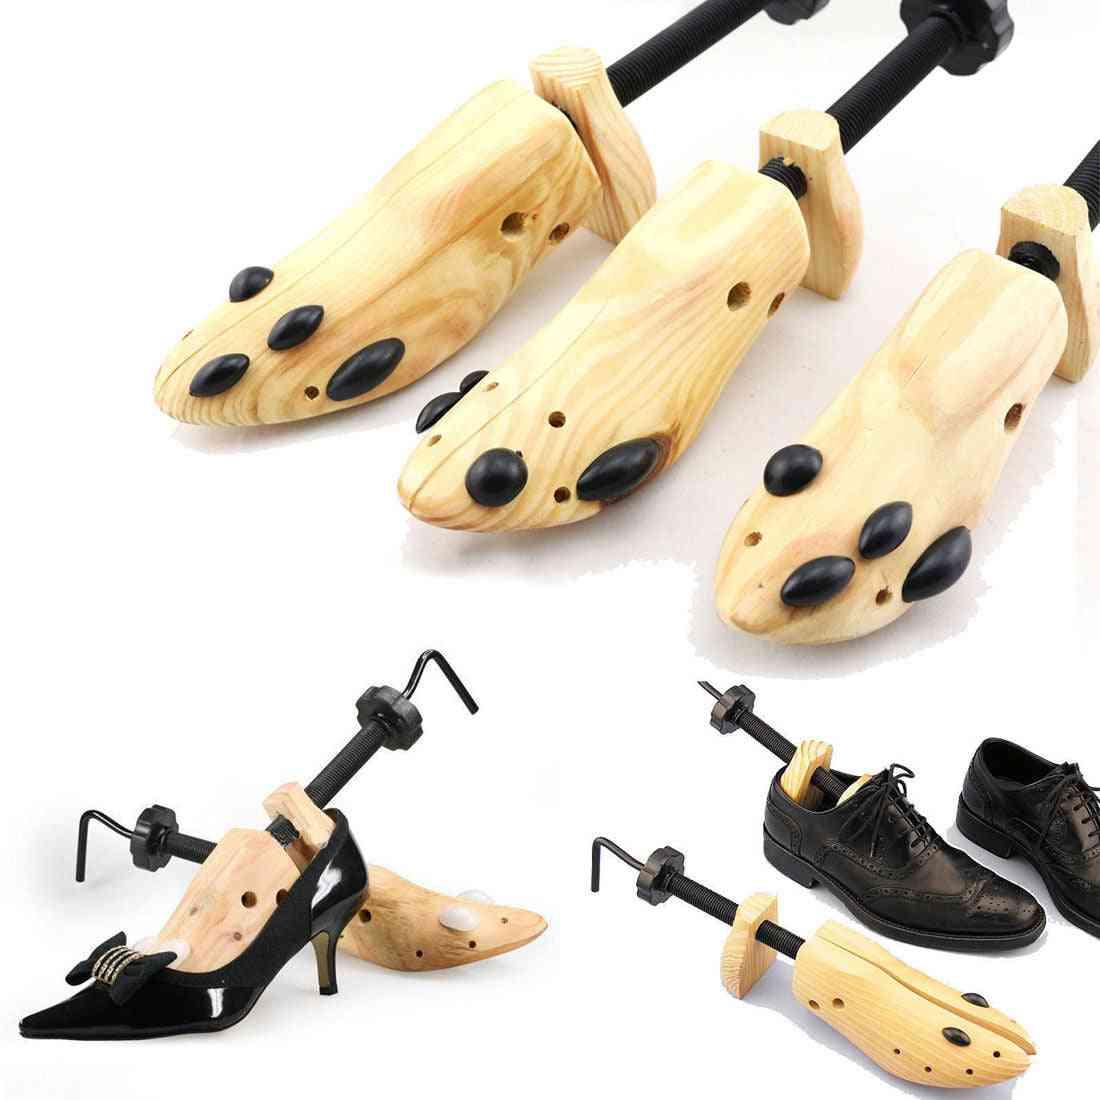 Wooden Shoe Tree Shaper Rack, Adjustable Home Expander